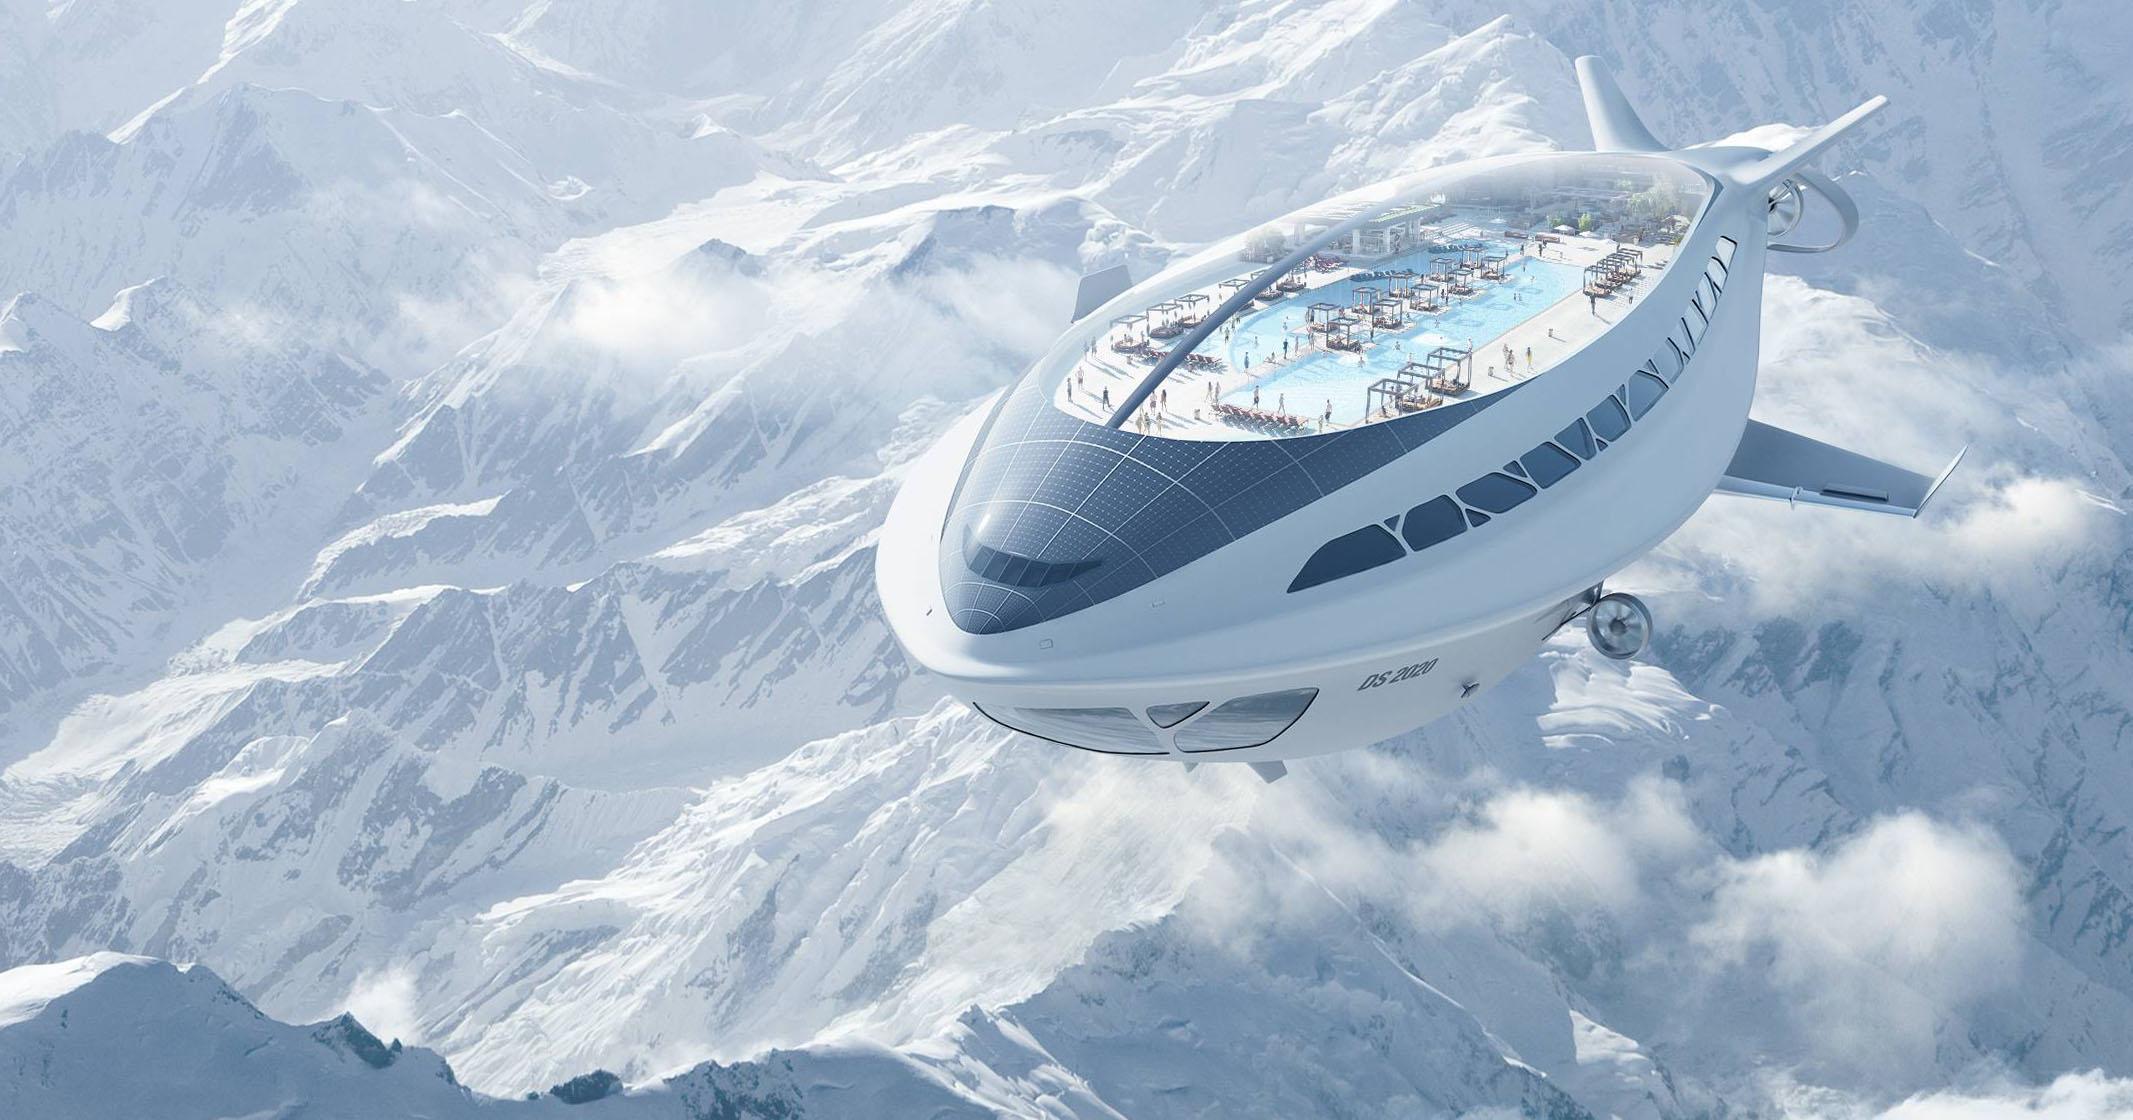 人类应该重新启用飞艇,飞艇比飞机安静很多